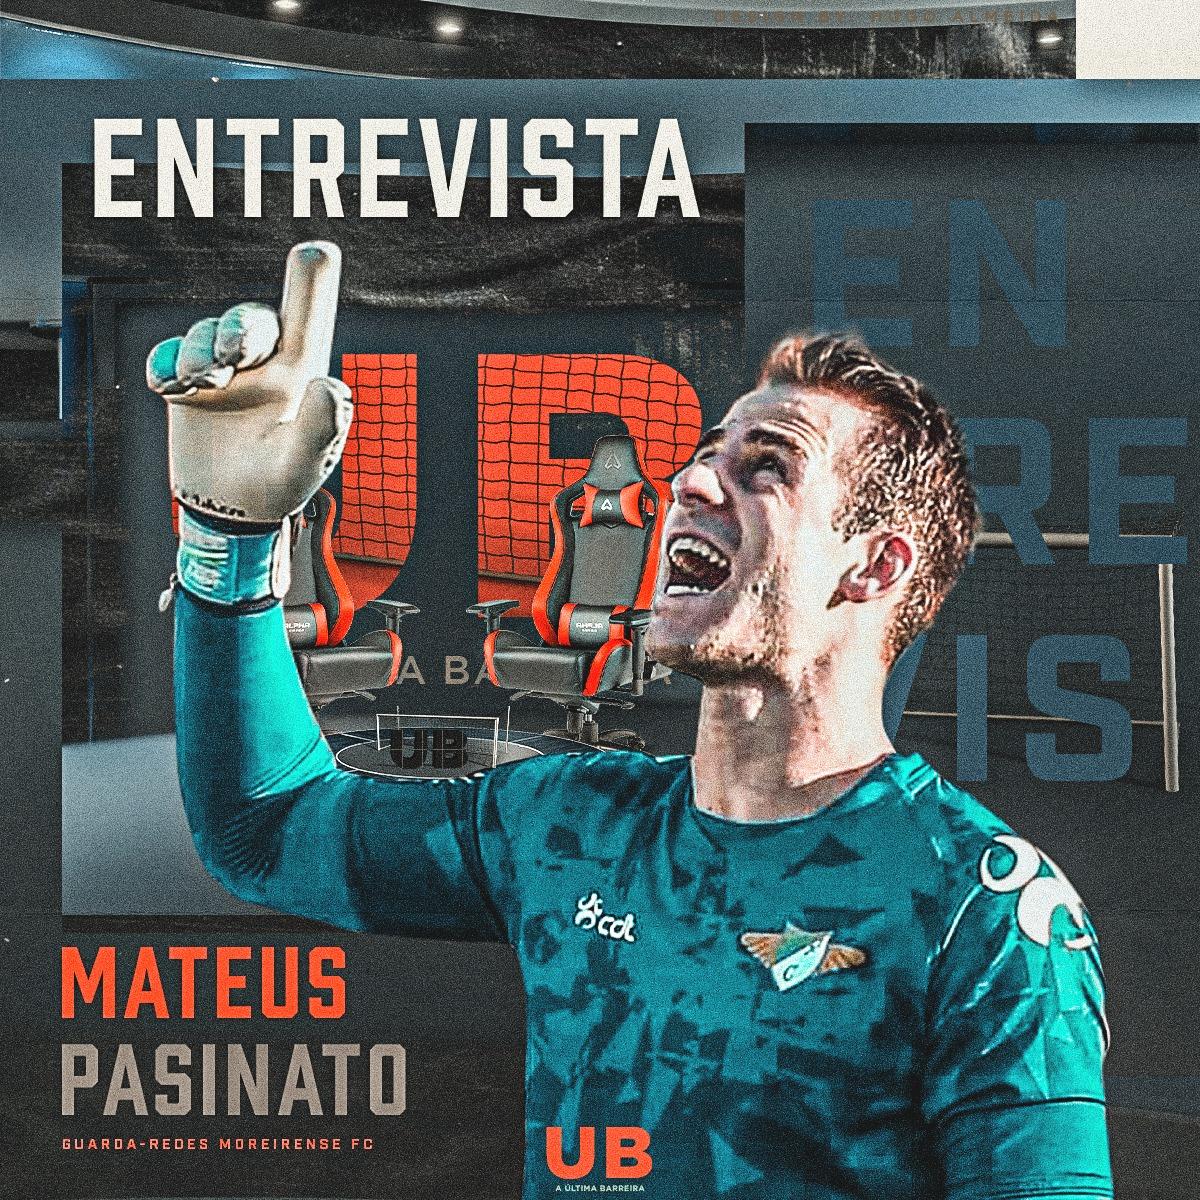 10# Podcast A Última Barreira – Entrevista a Mateus Pasinato (GR Moreirense)